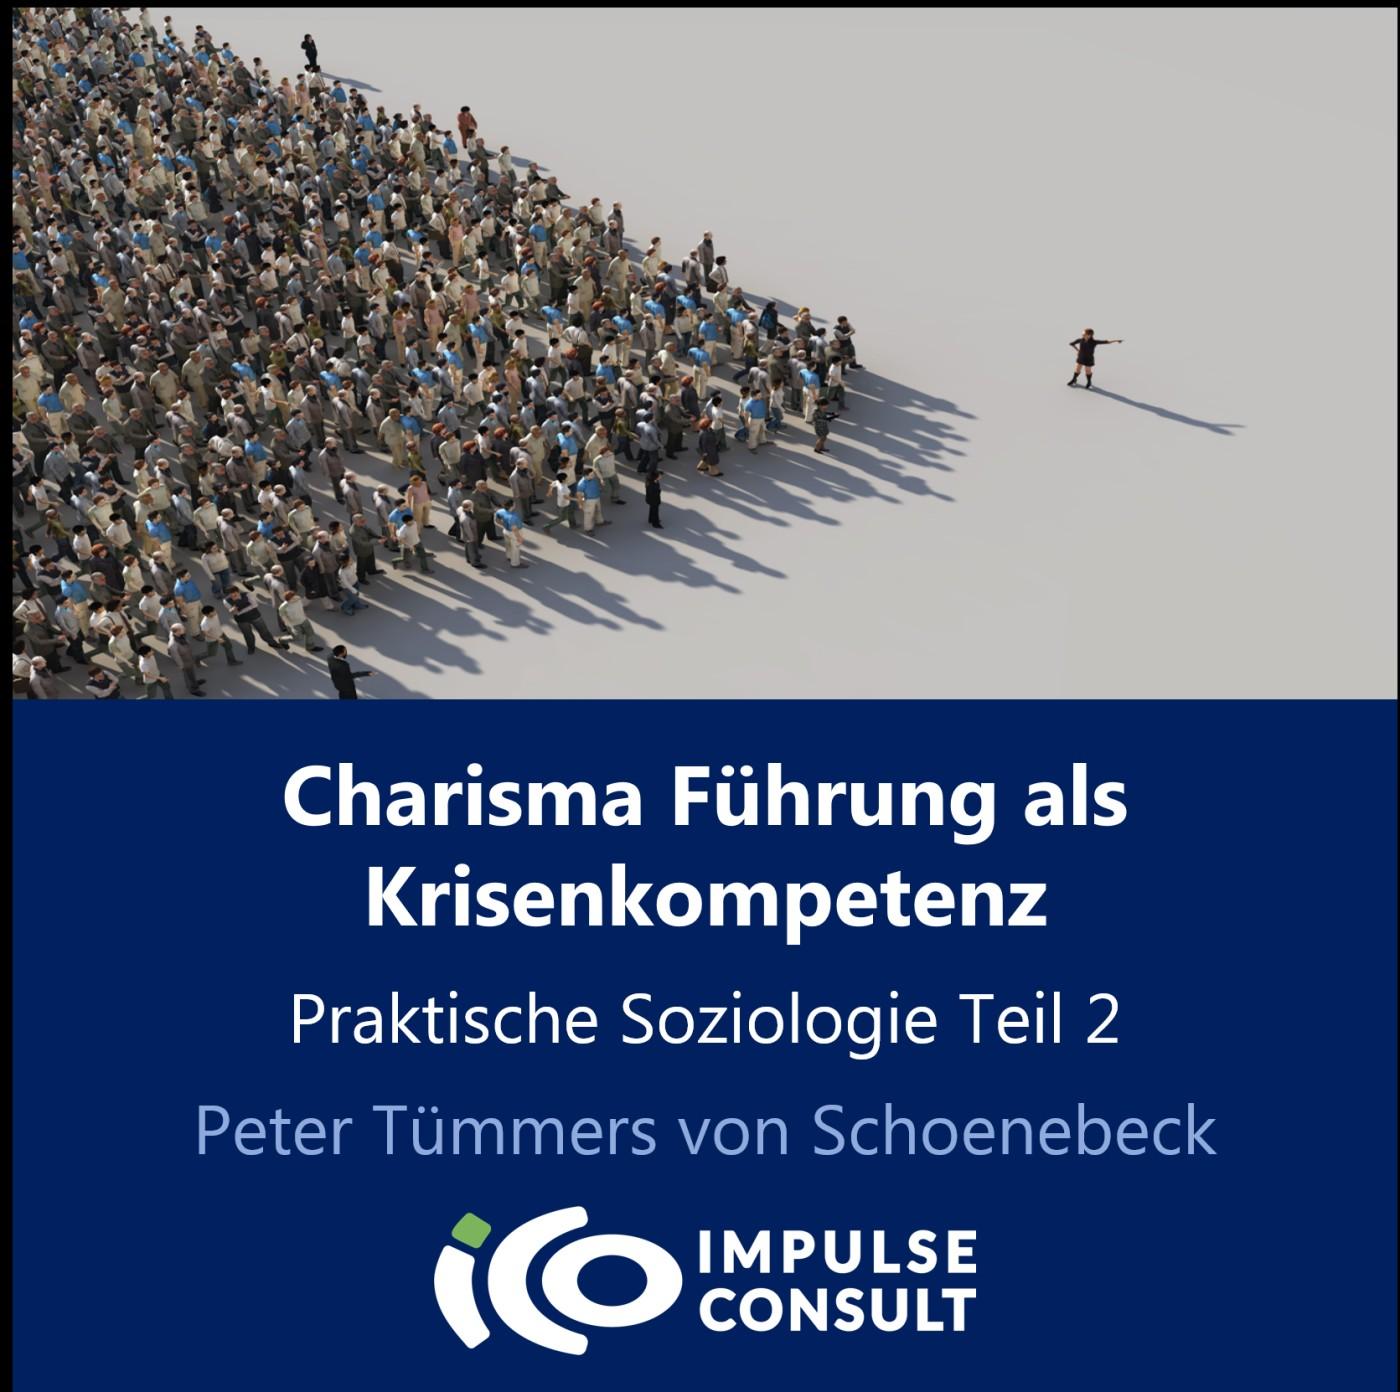 Charisma-Führung als Krisenkompetenz